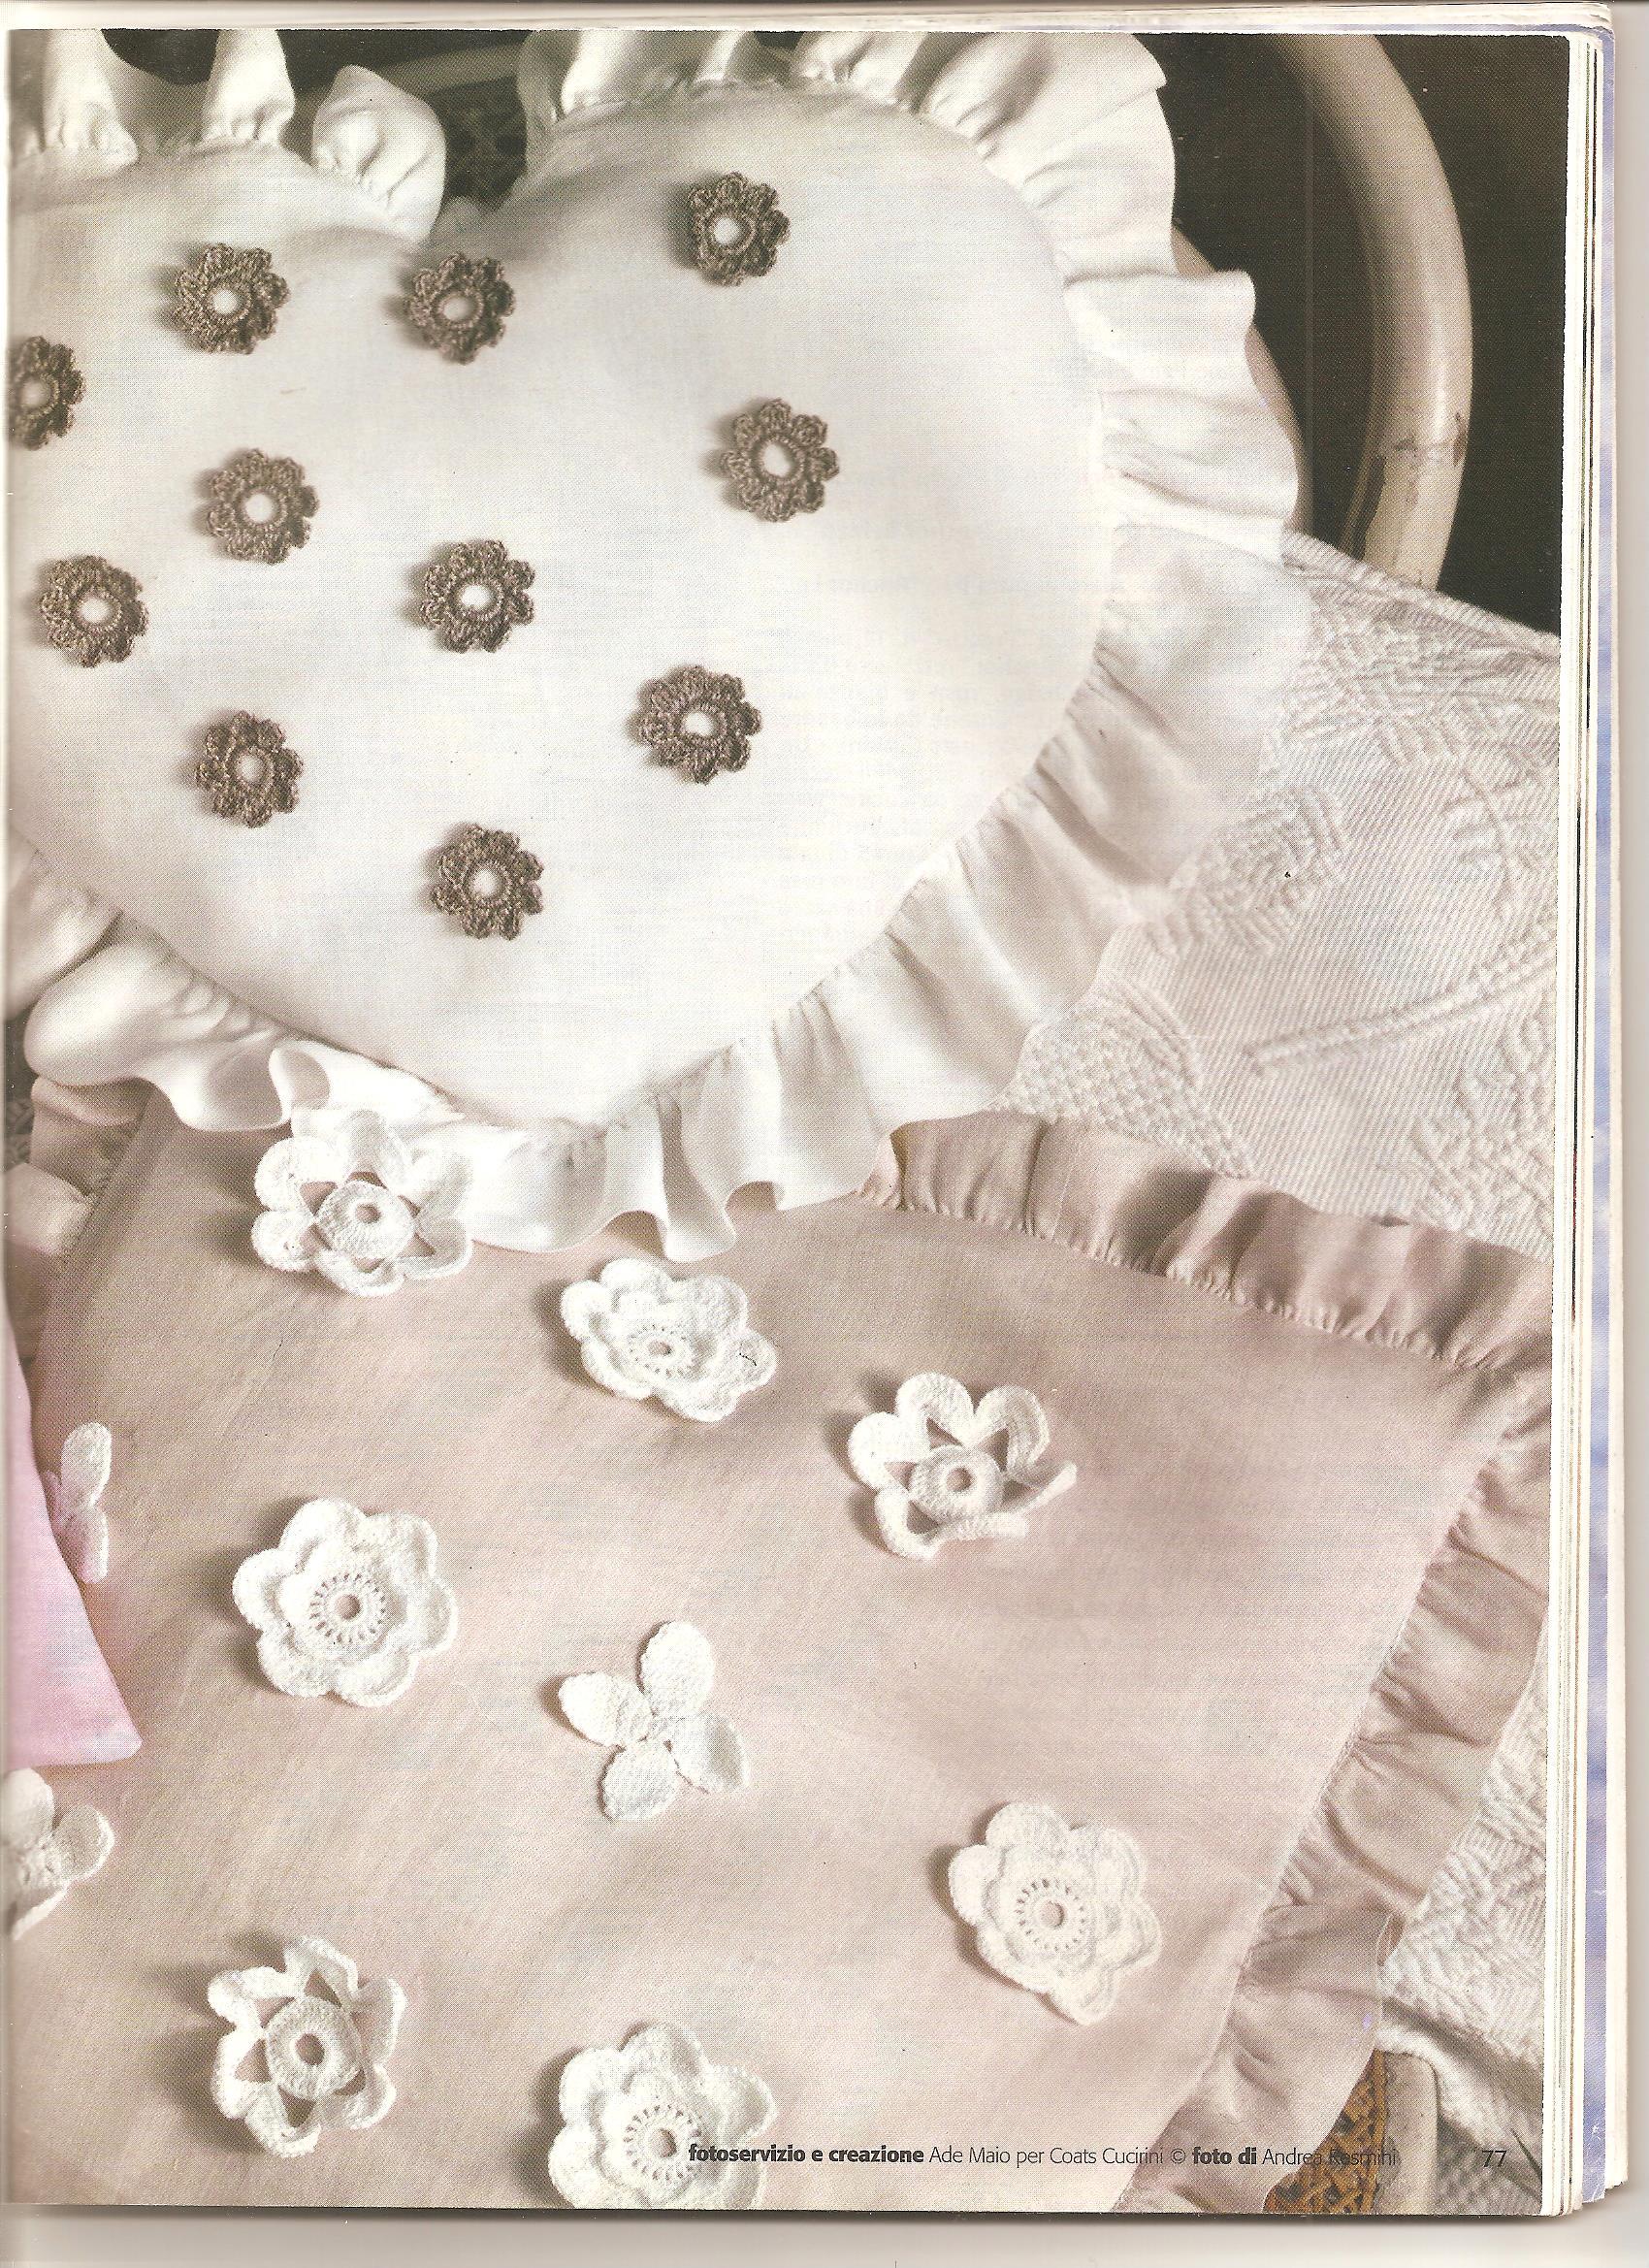 Cuscino con fiori e applicazioni schema uncinetto 2 for Cuscini shabby chic on line